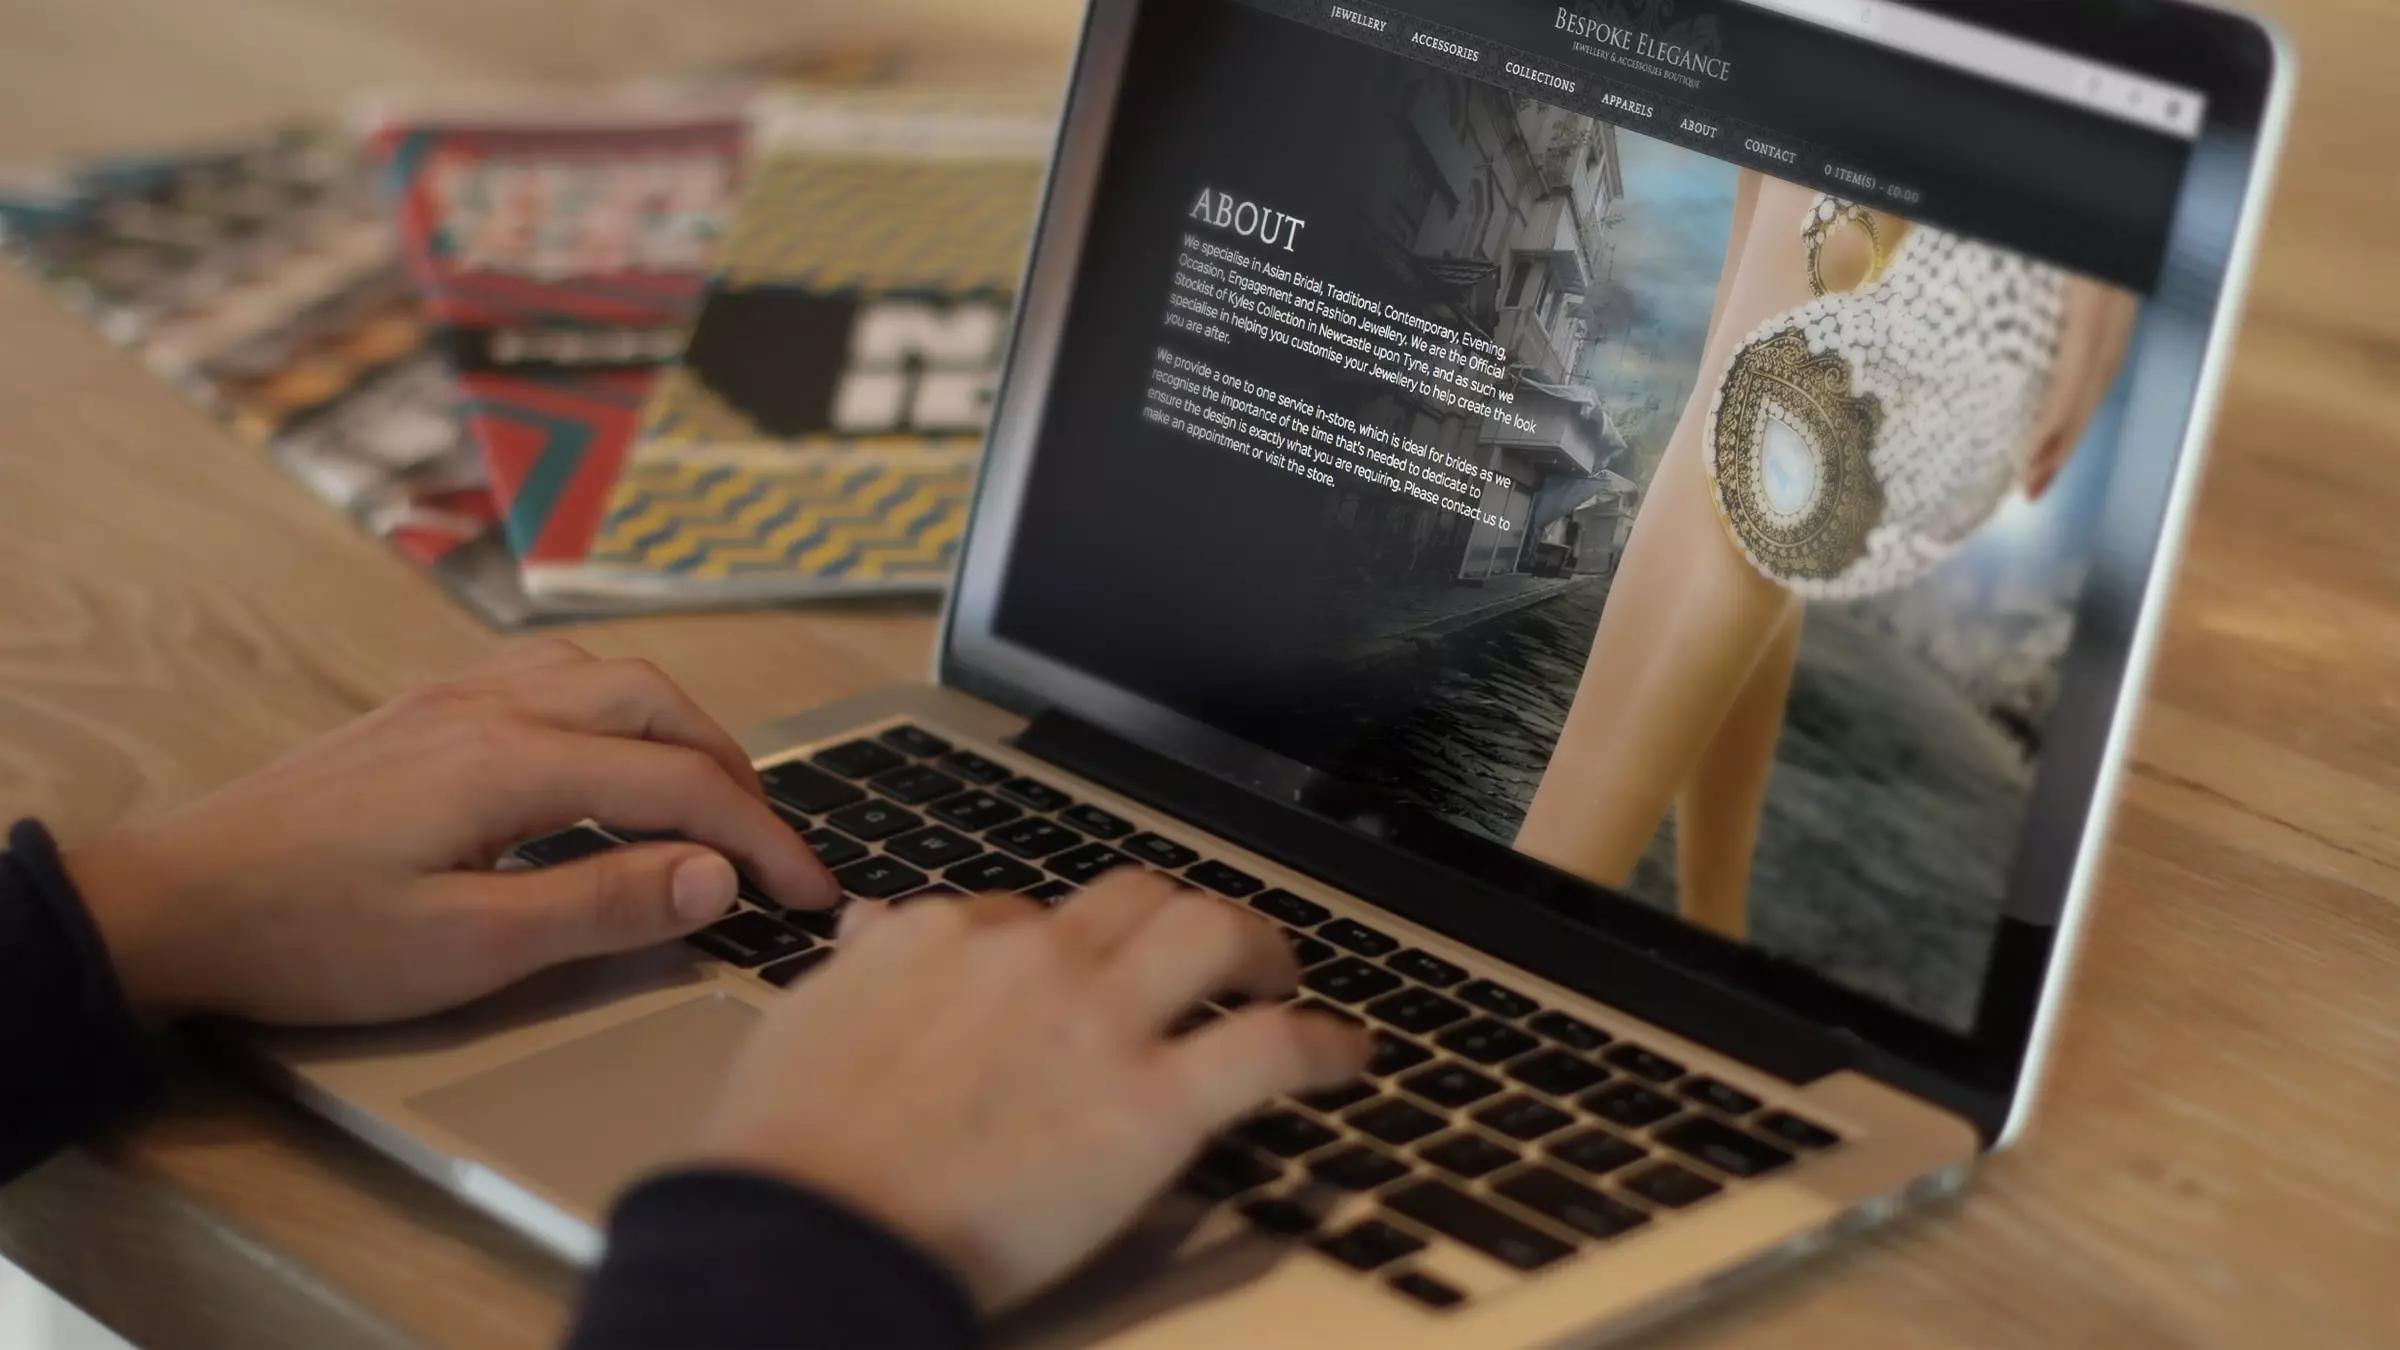 Bespoke Elegance website displayed on a laptop